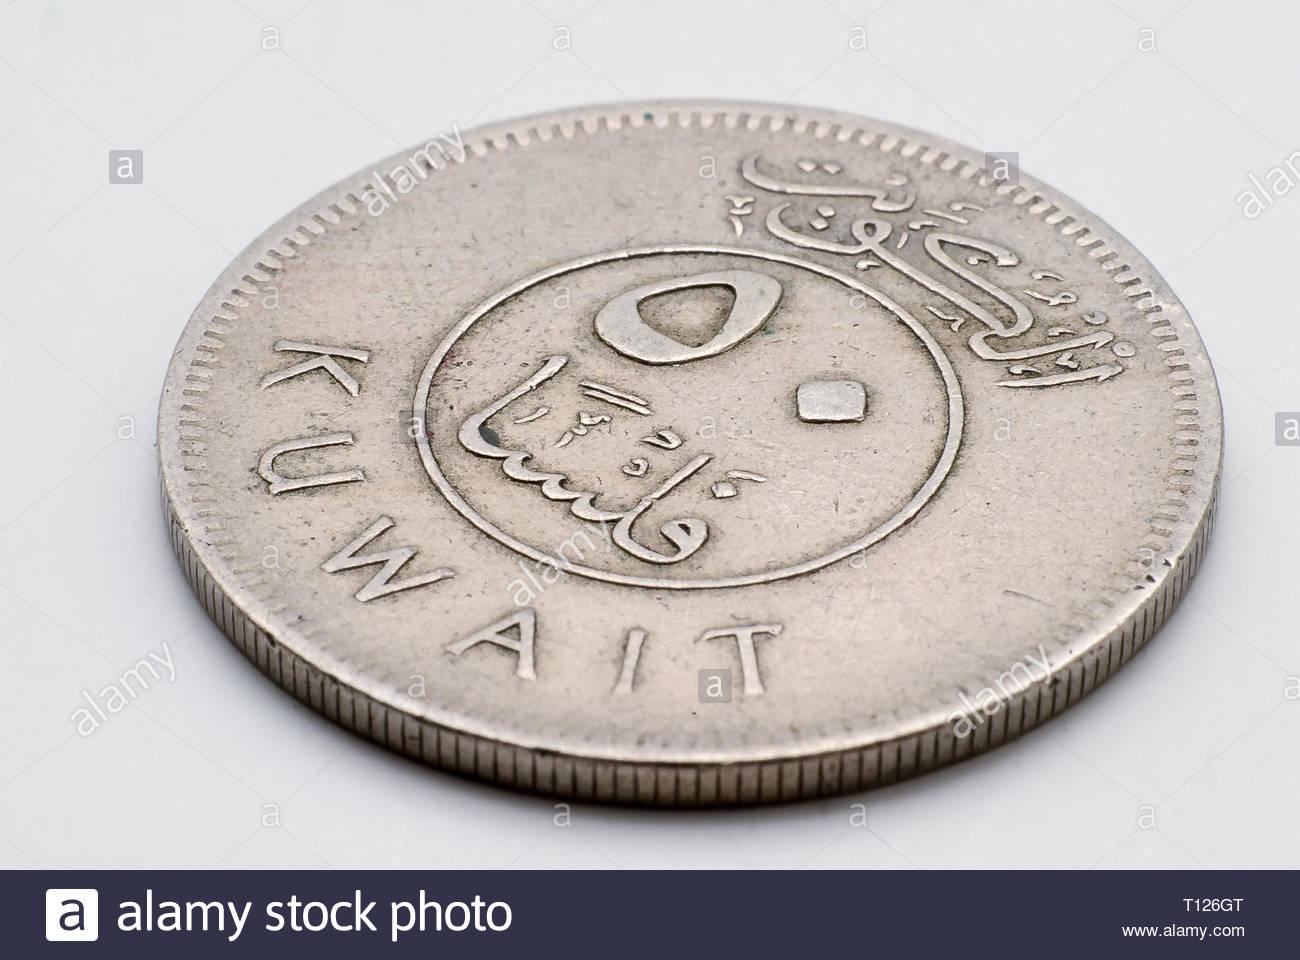 An old sliver Kuwaiti dinar coin macro photograph. - Stock Image